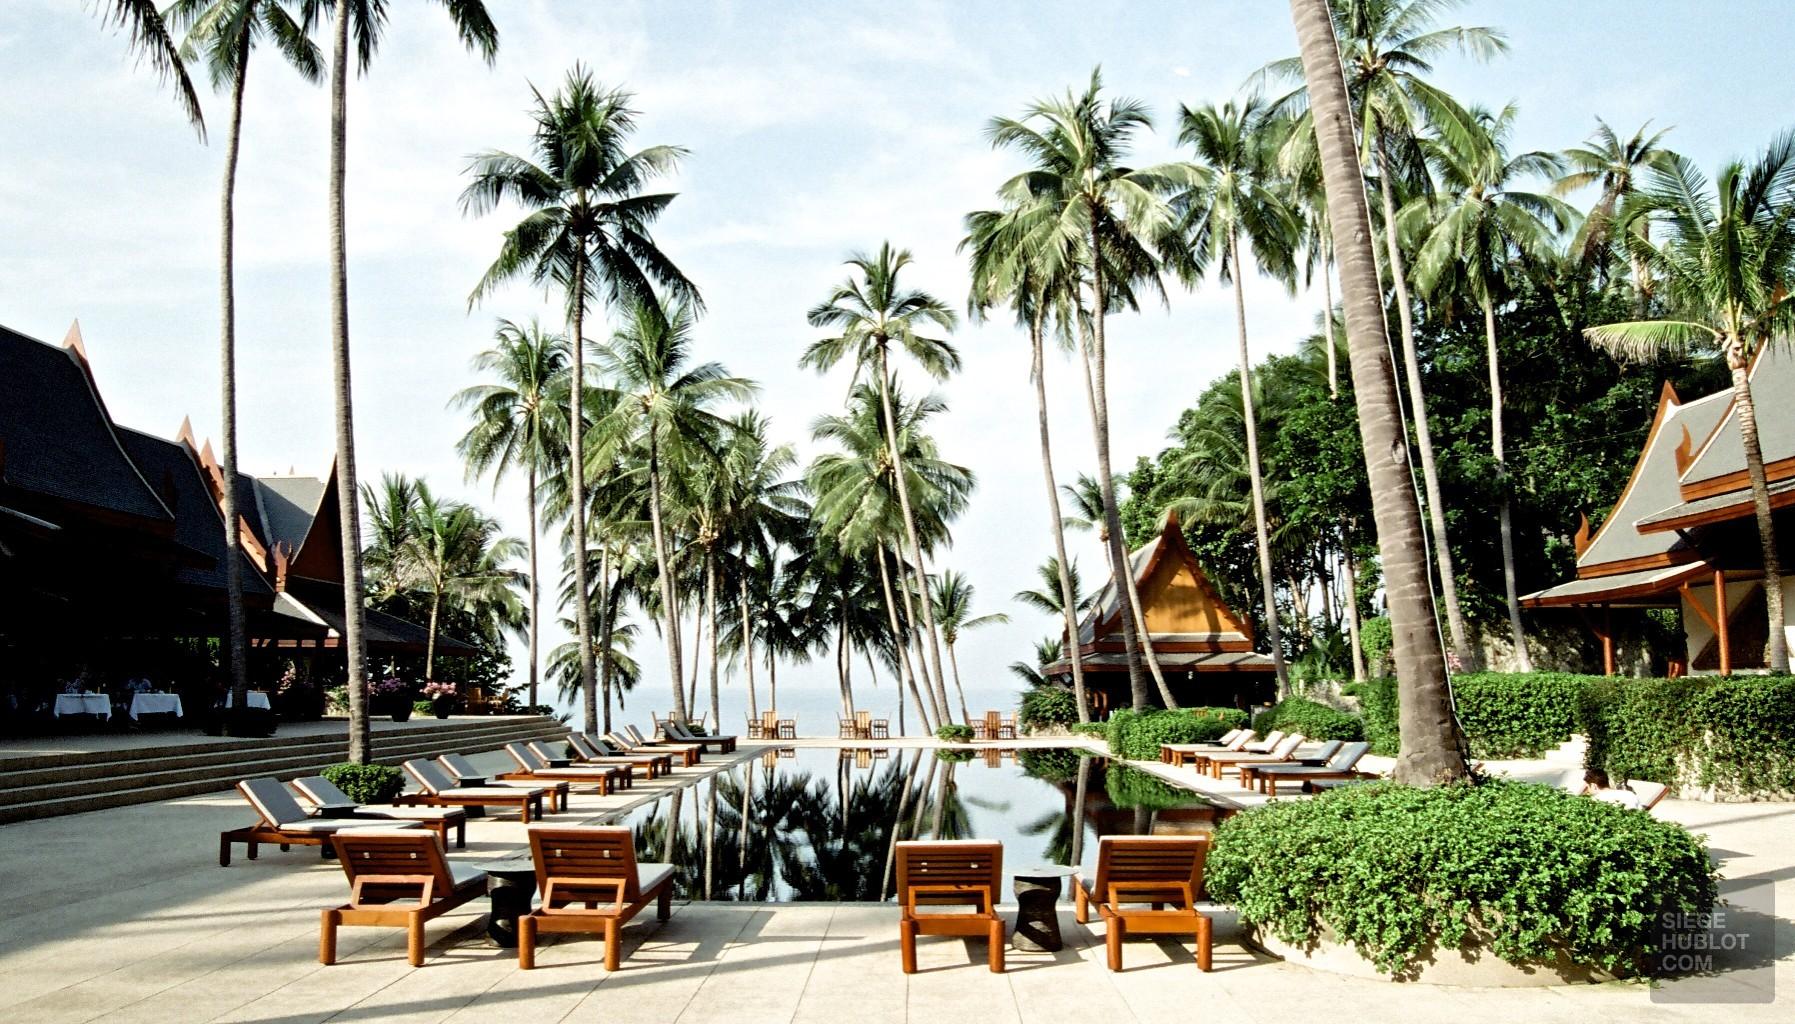 L'Amanpuri à Phuket, Thaïlande - thailande, hotels, asie